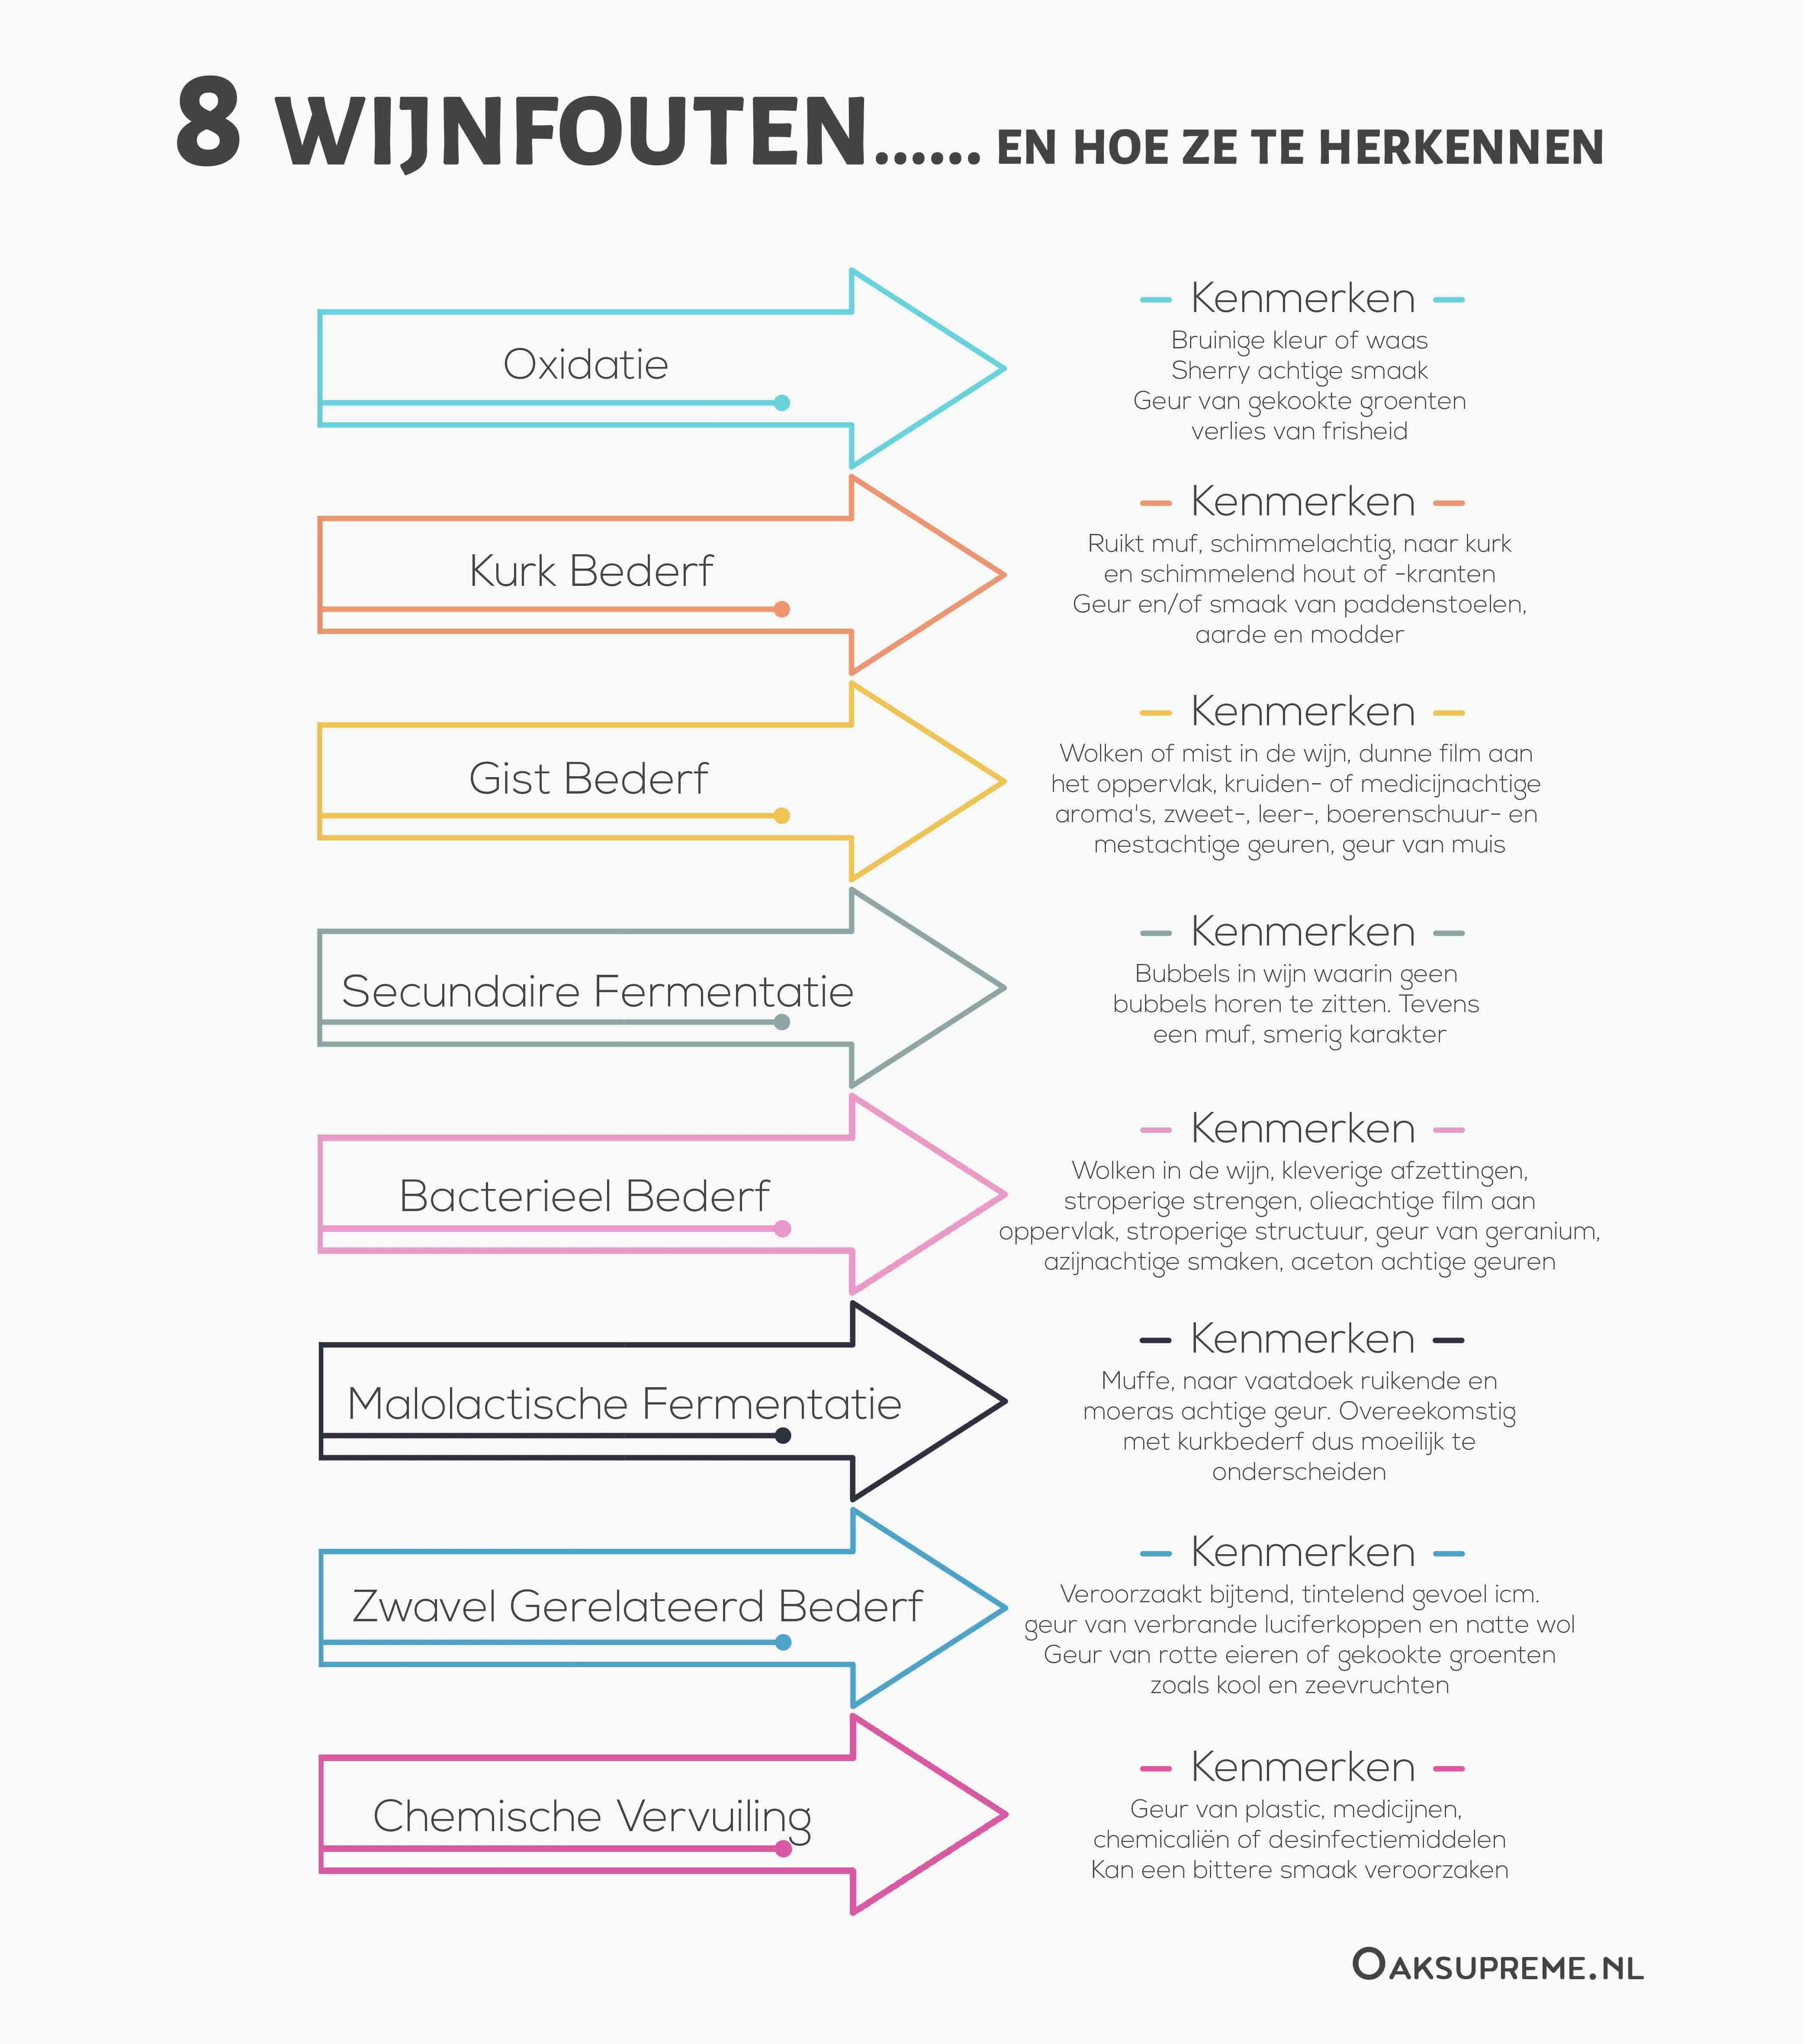 8 wijnfouten en hoe ze te herkennen